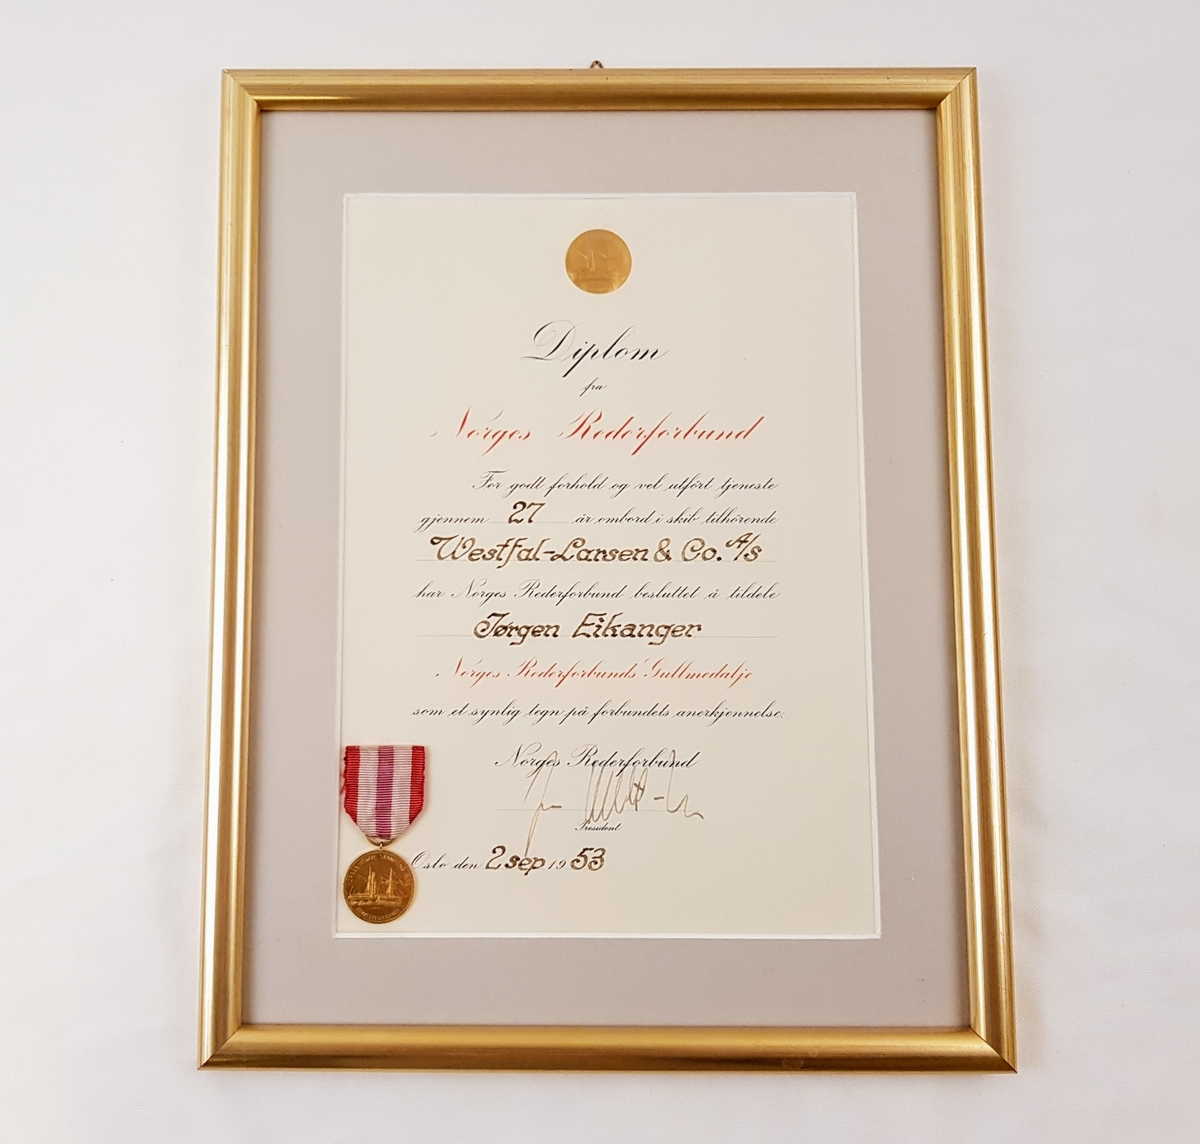 Diplom og gullmedalje i ramme med glass.